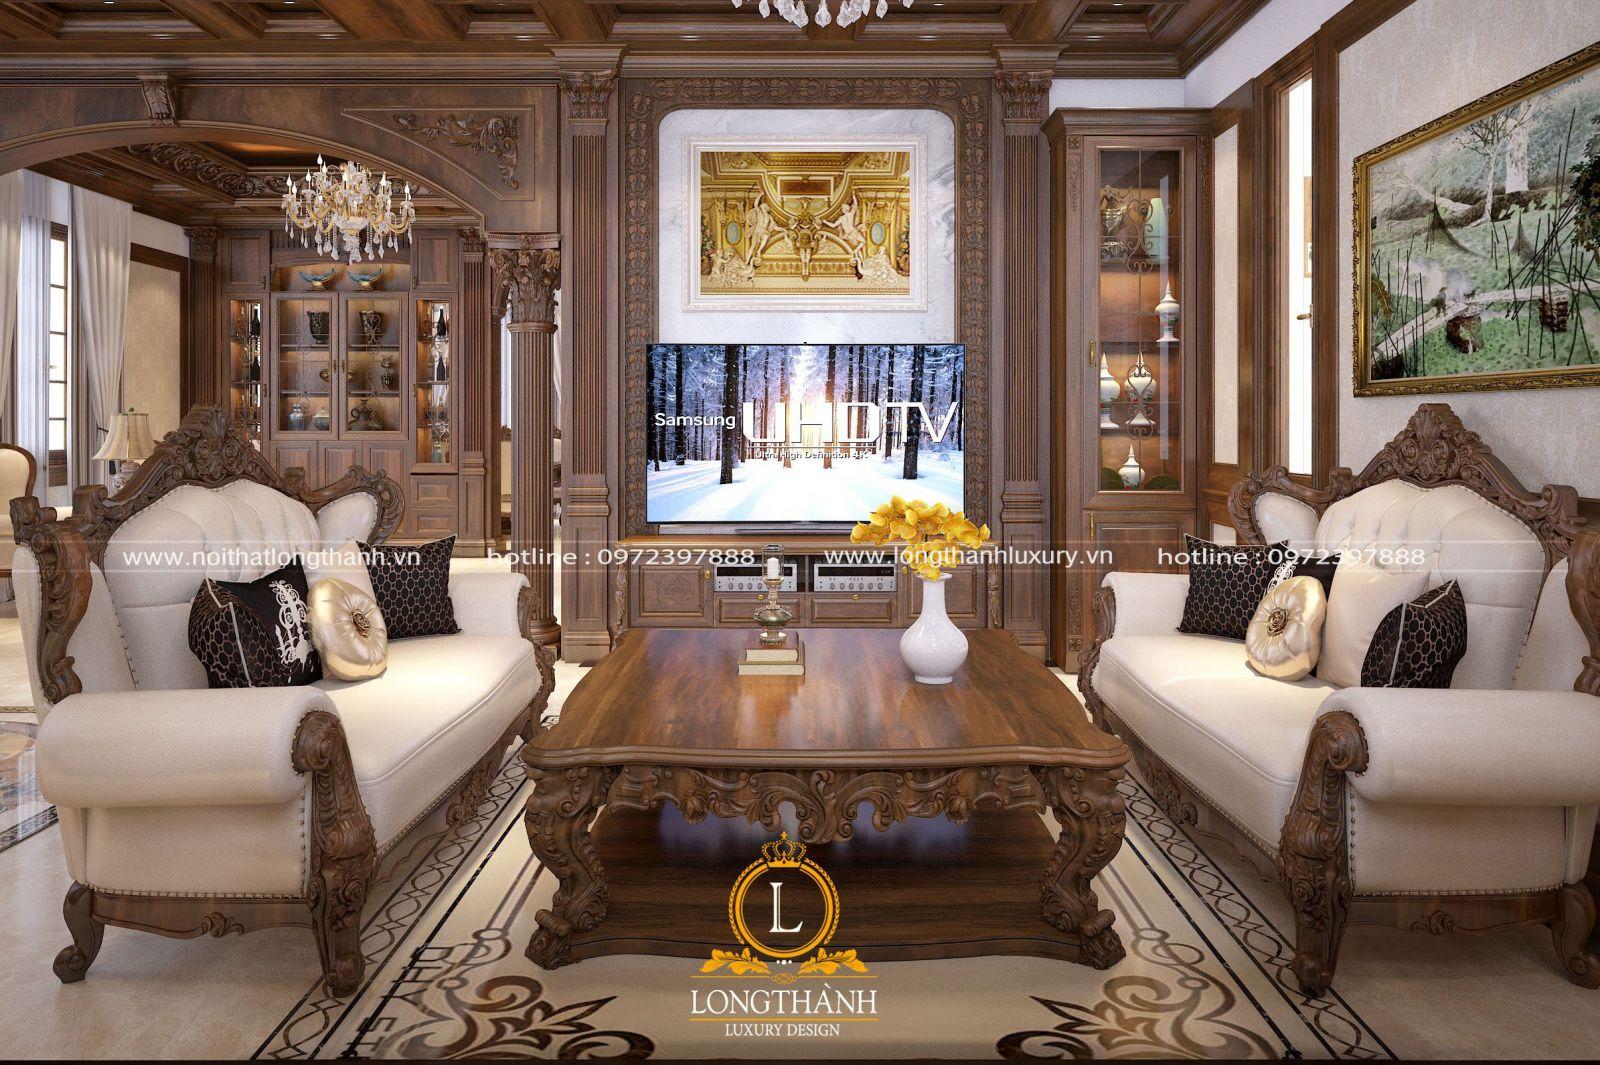 Thiết kế nội thất tân cổ điển. Phong cách nâng tầm đẳng cấp nhà Việt